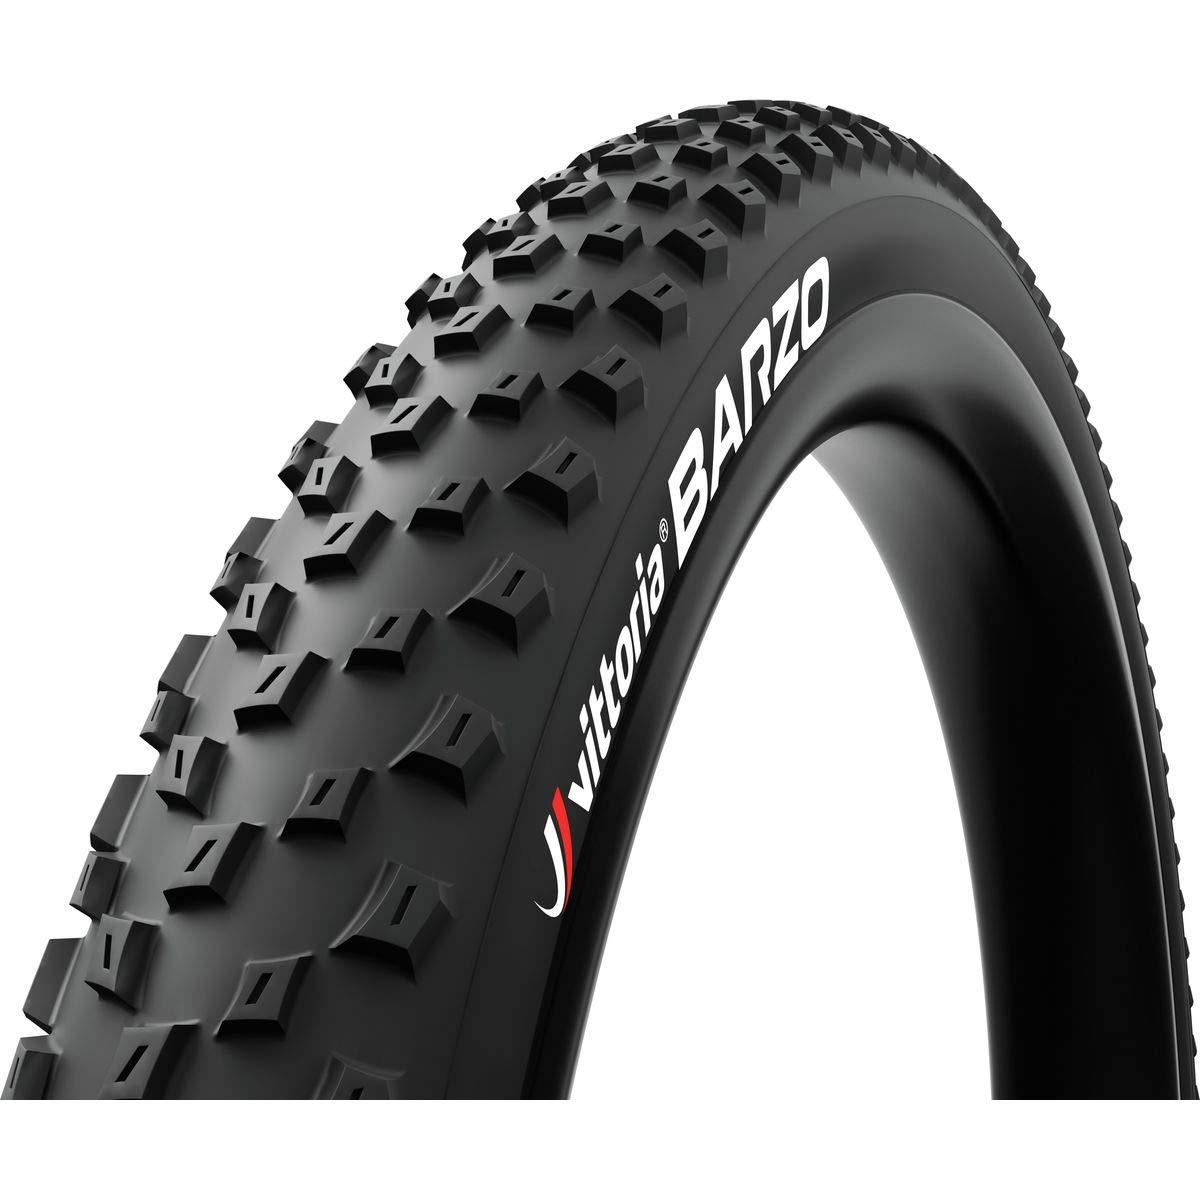 Vittoria Barzo G2.0 XC-Trail/TNT 27.5x2.25 Tire, Anthracite